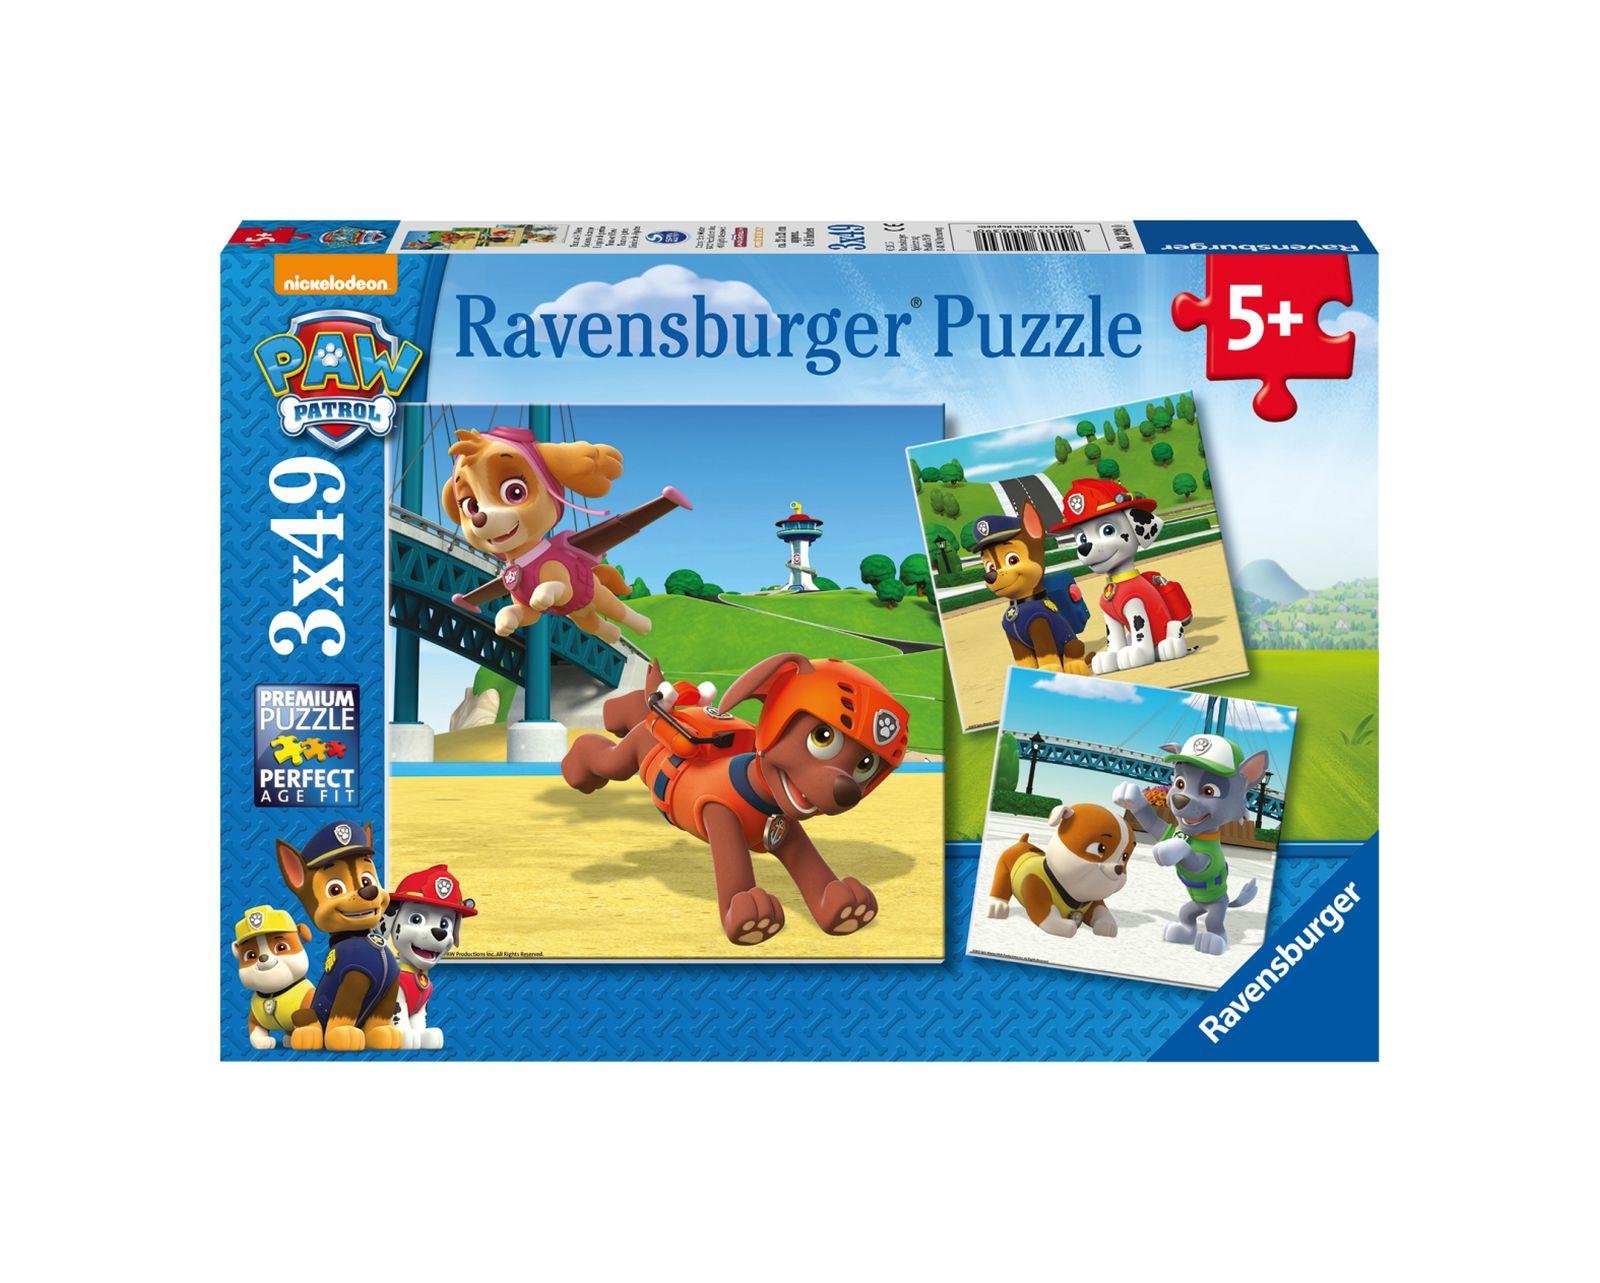 Ravensburger - puzzle 3x49 pezzi - paw patrol b - Ravensburger1